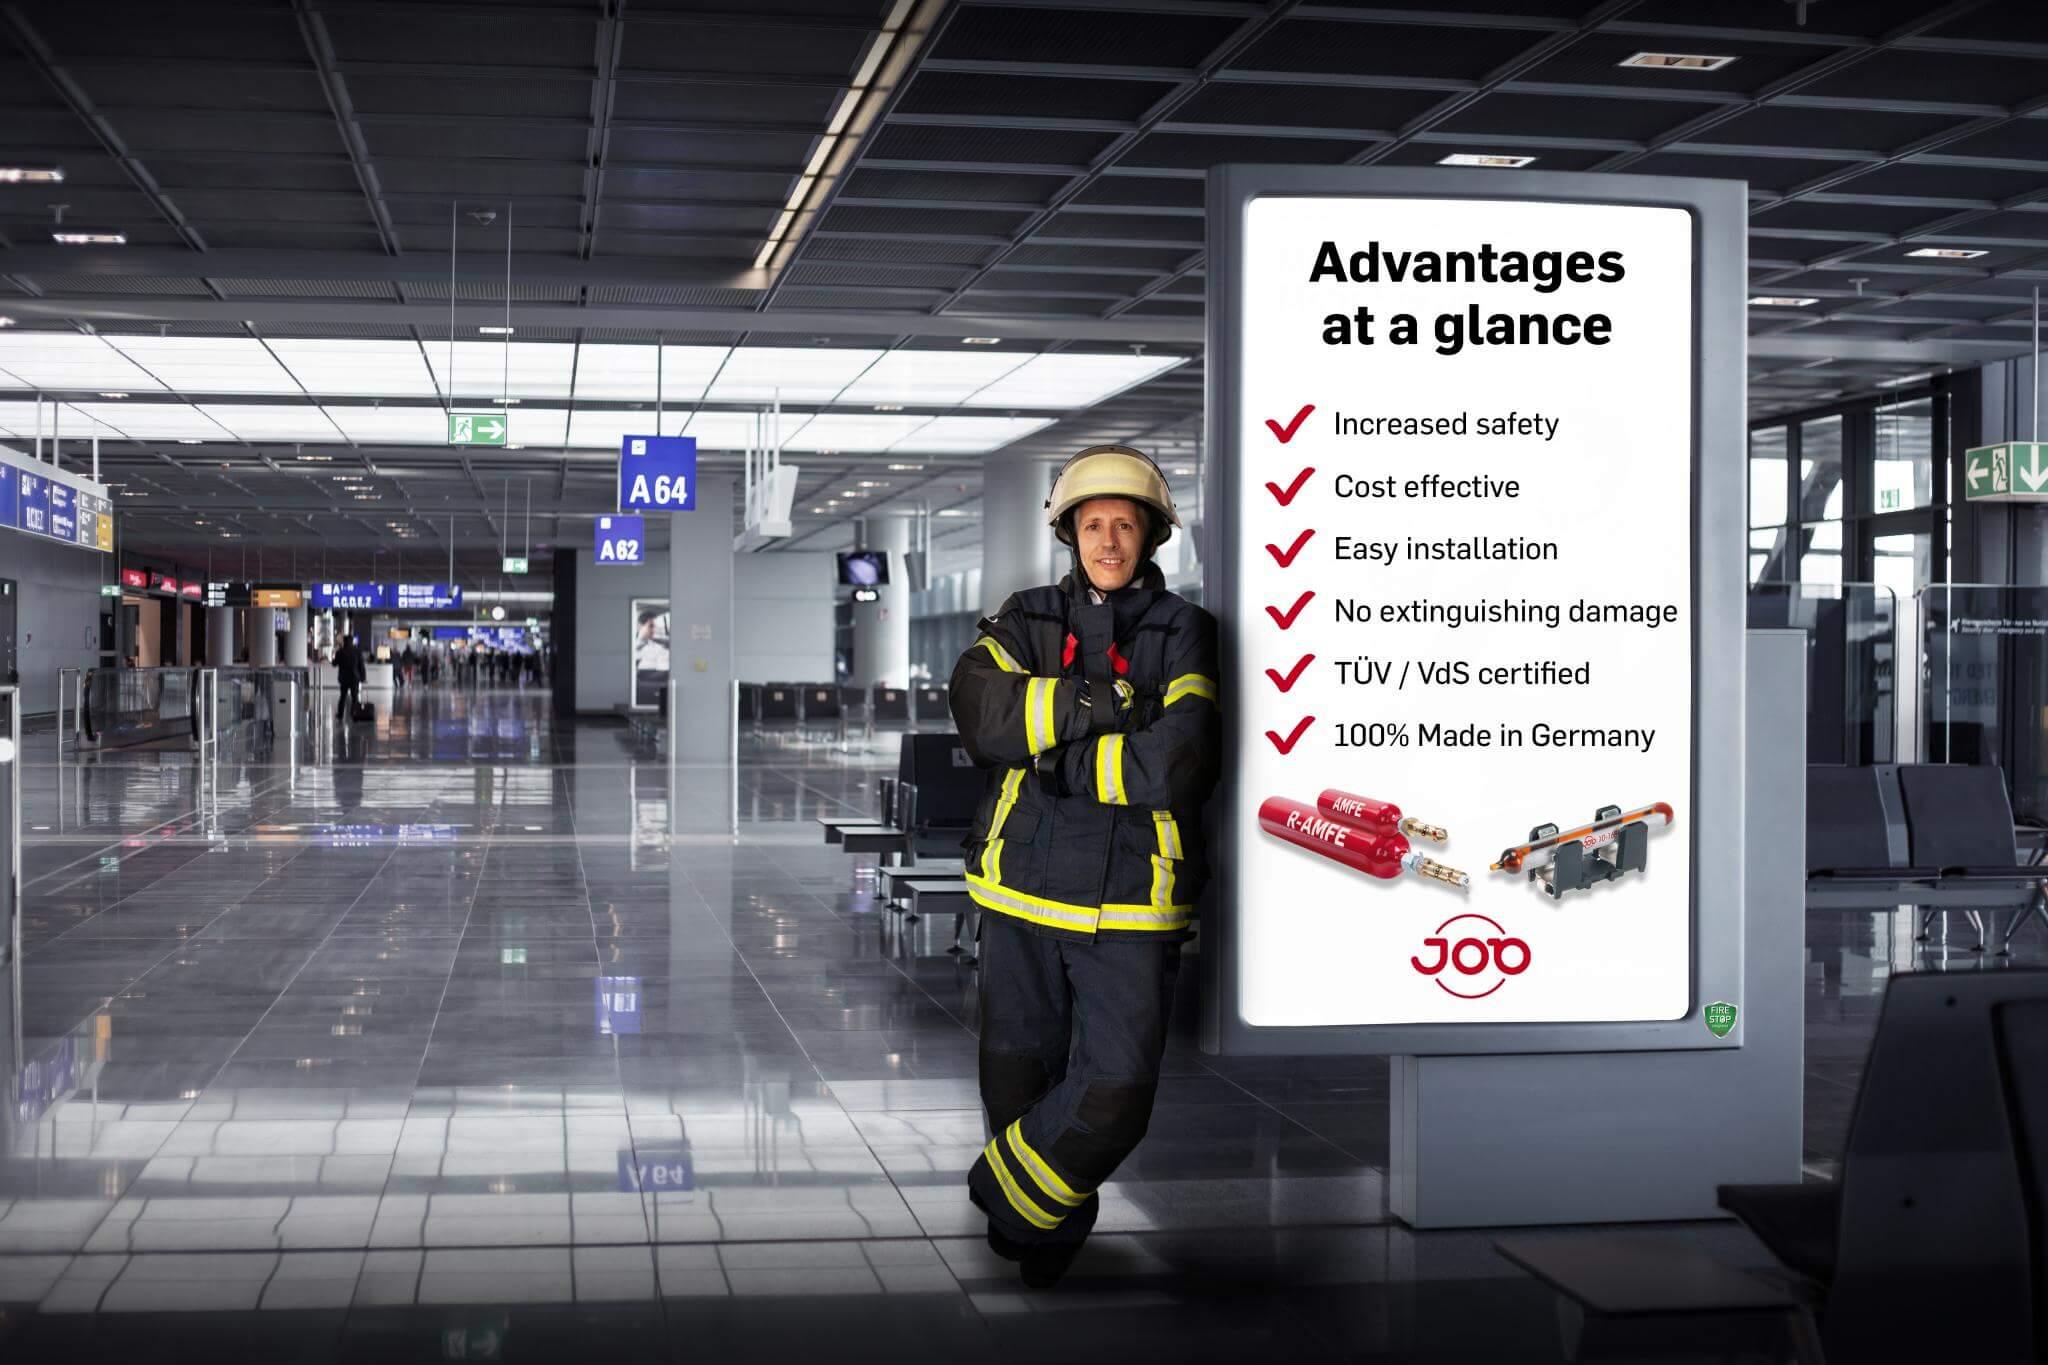 Firefighter at infoscreen